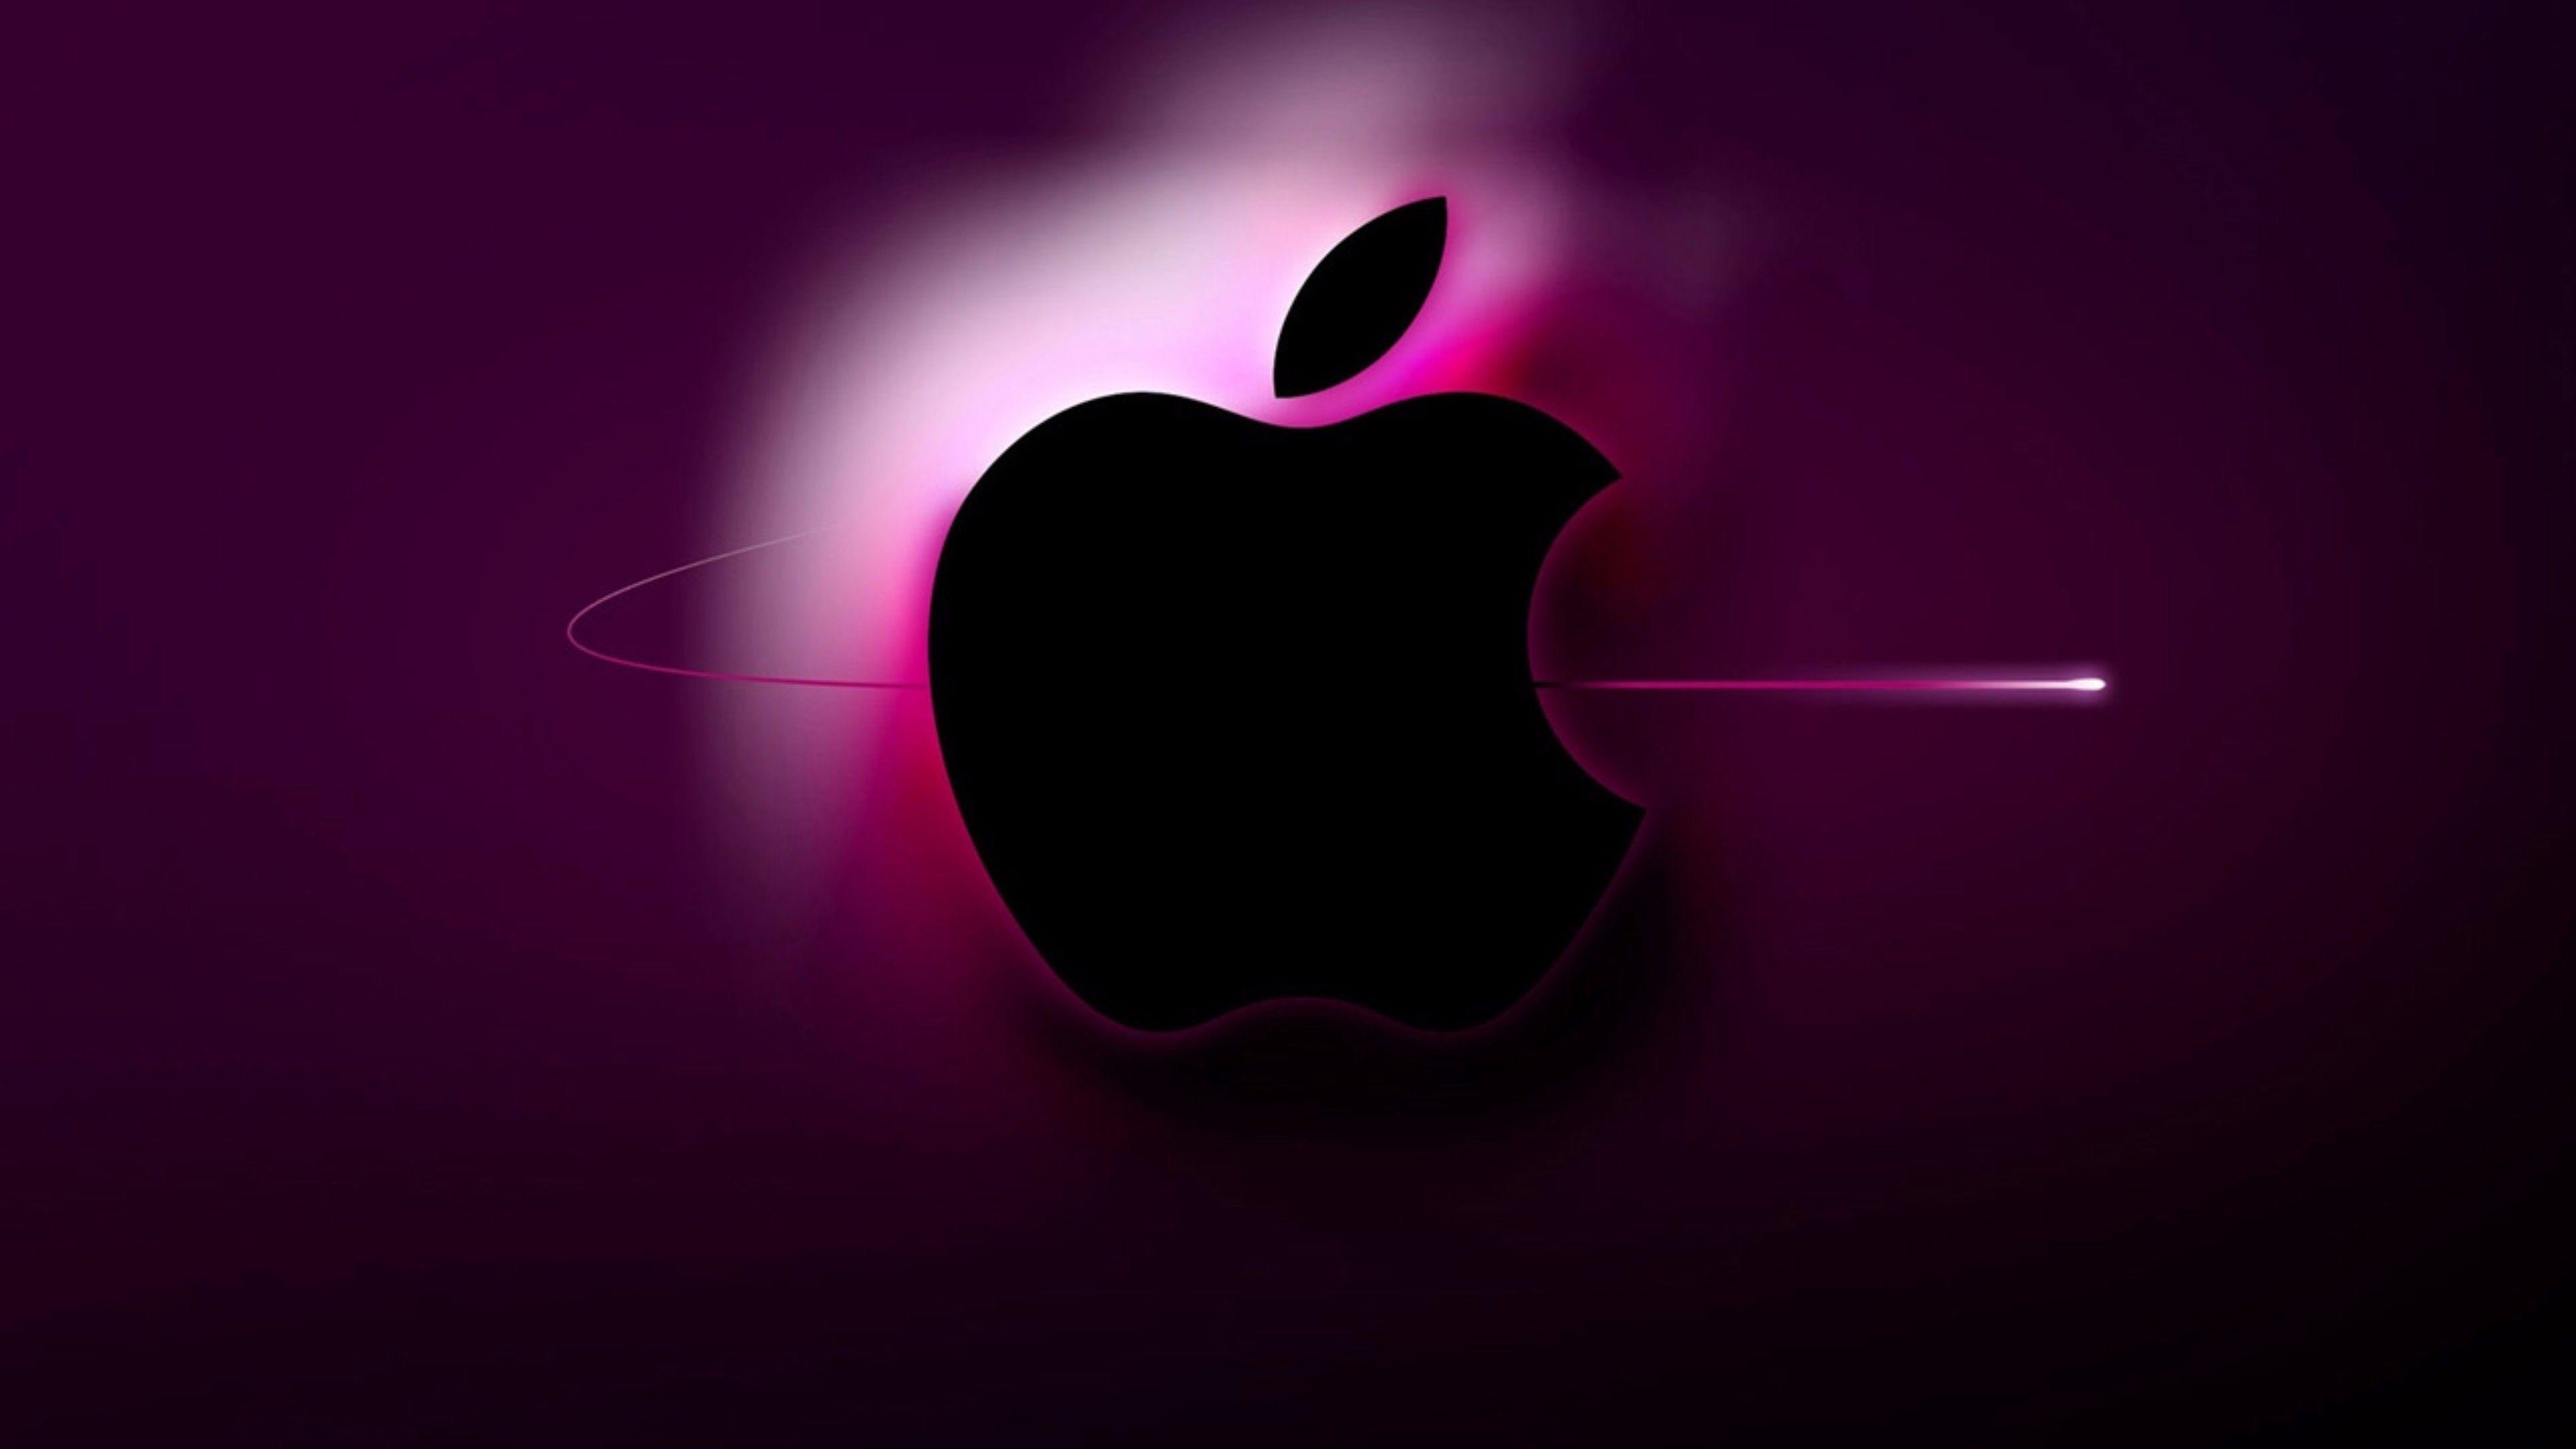 Apple Logo 4k Wallpaper 38 Pictures Apple Logo Wallpaper Apple Logo Apple Wallpaper